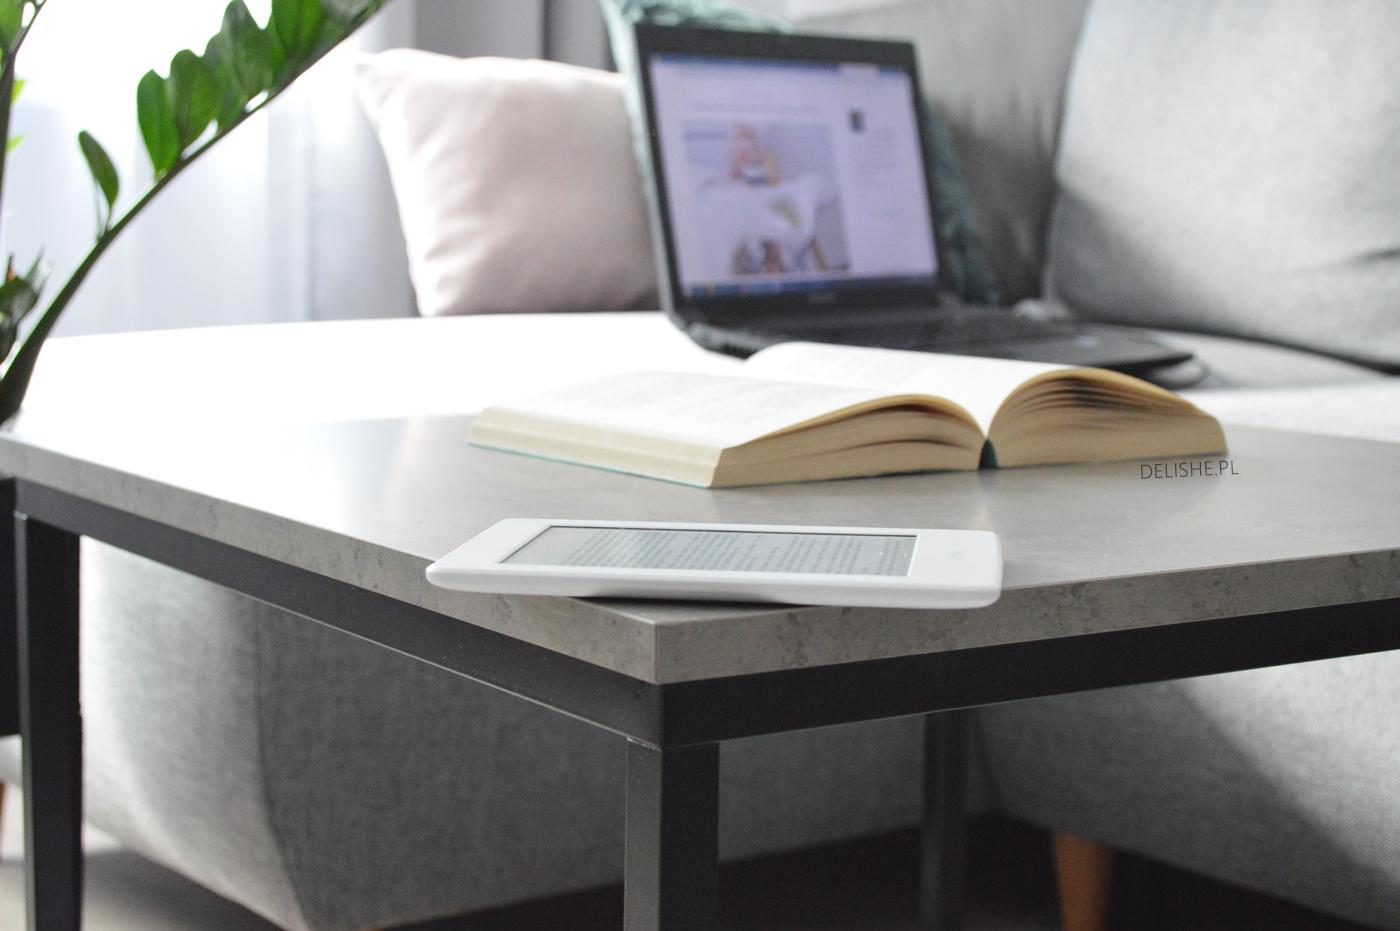 czytnik ebooków Kindle czy warto kupić